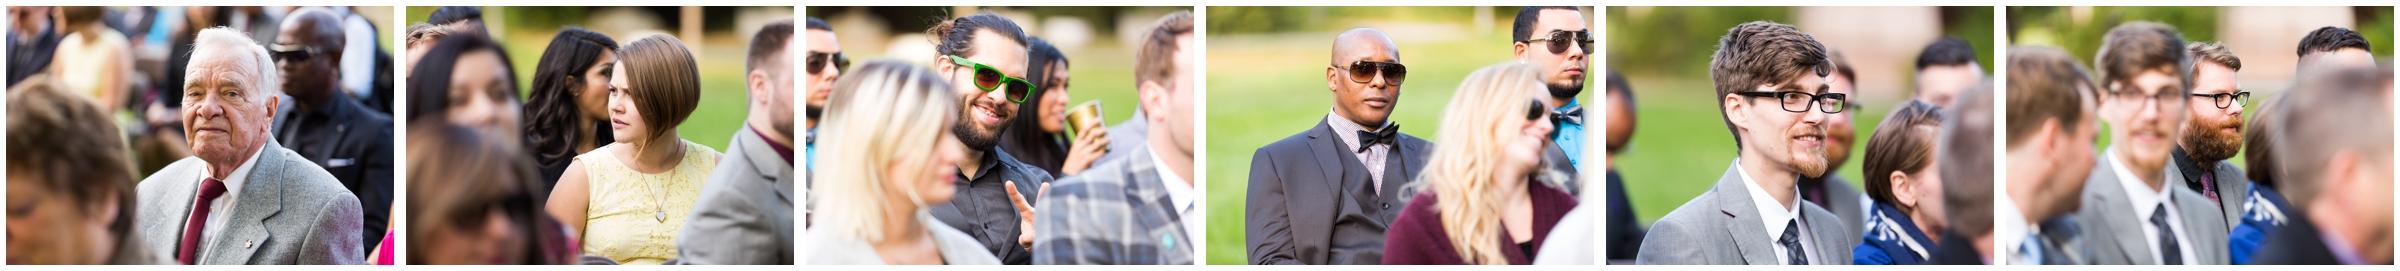 EA Wedding (Selena Phillips-Boyle)_0017.jpg